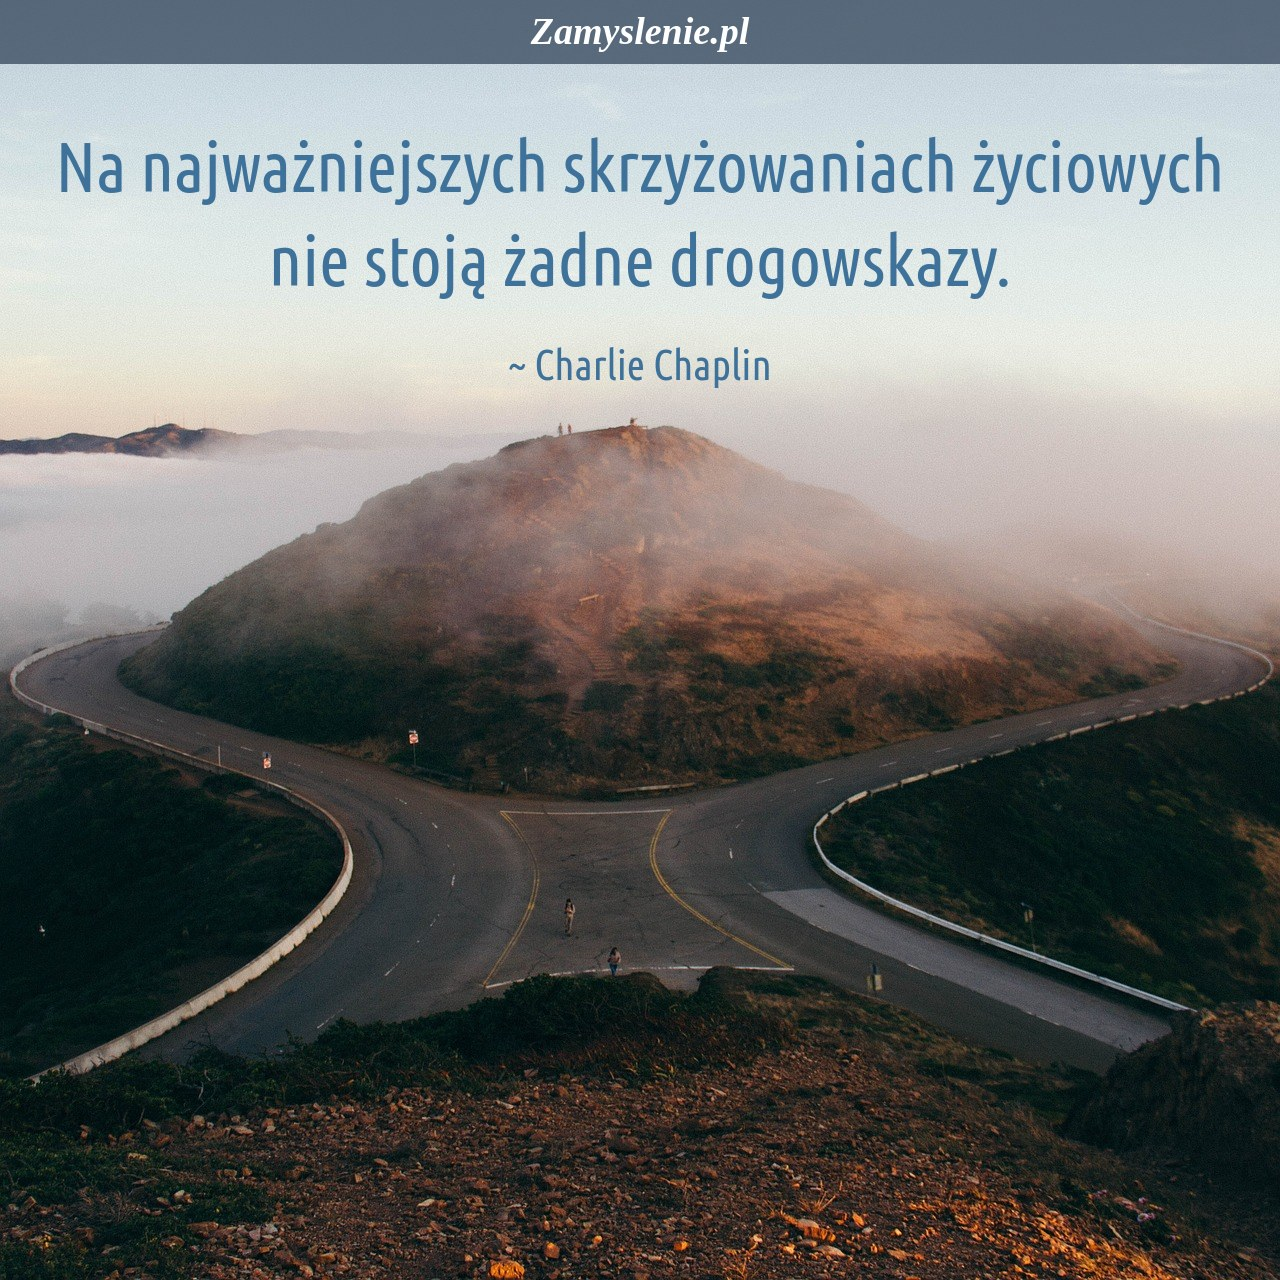 Obraz / mem do cytatu: Na najważniejszych skrzyżowaniach życiowych nie stoją żadne drogowskazy.